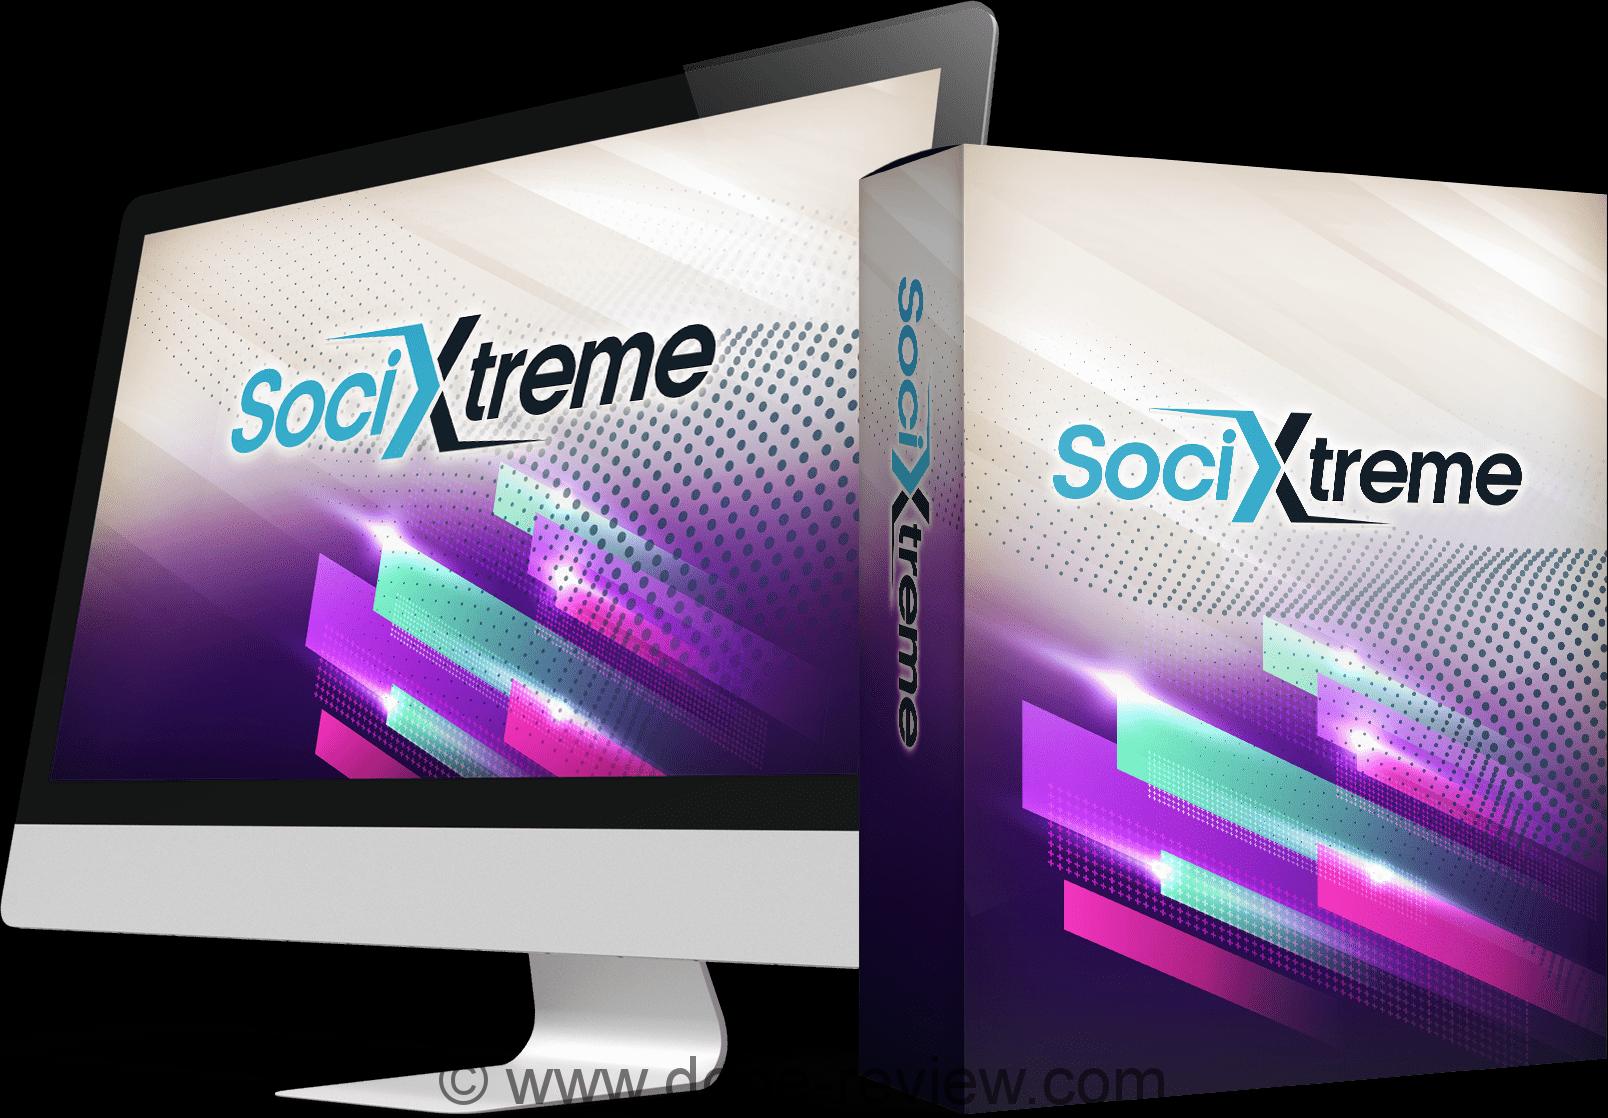 SociXtreme